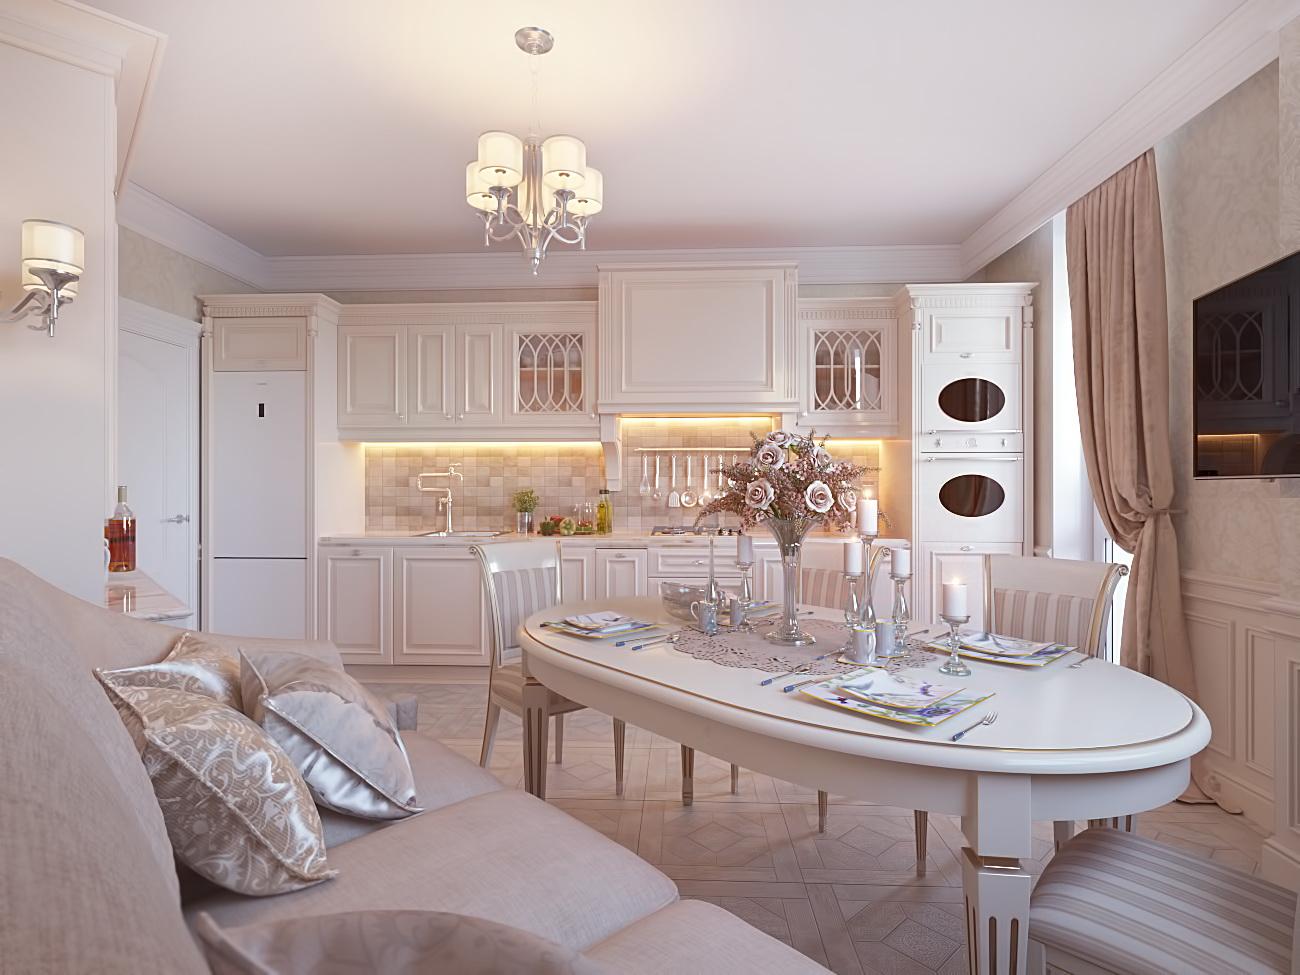 Дизайн трехкомнатной квартиры: подготавливаем помещение к ремонту